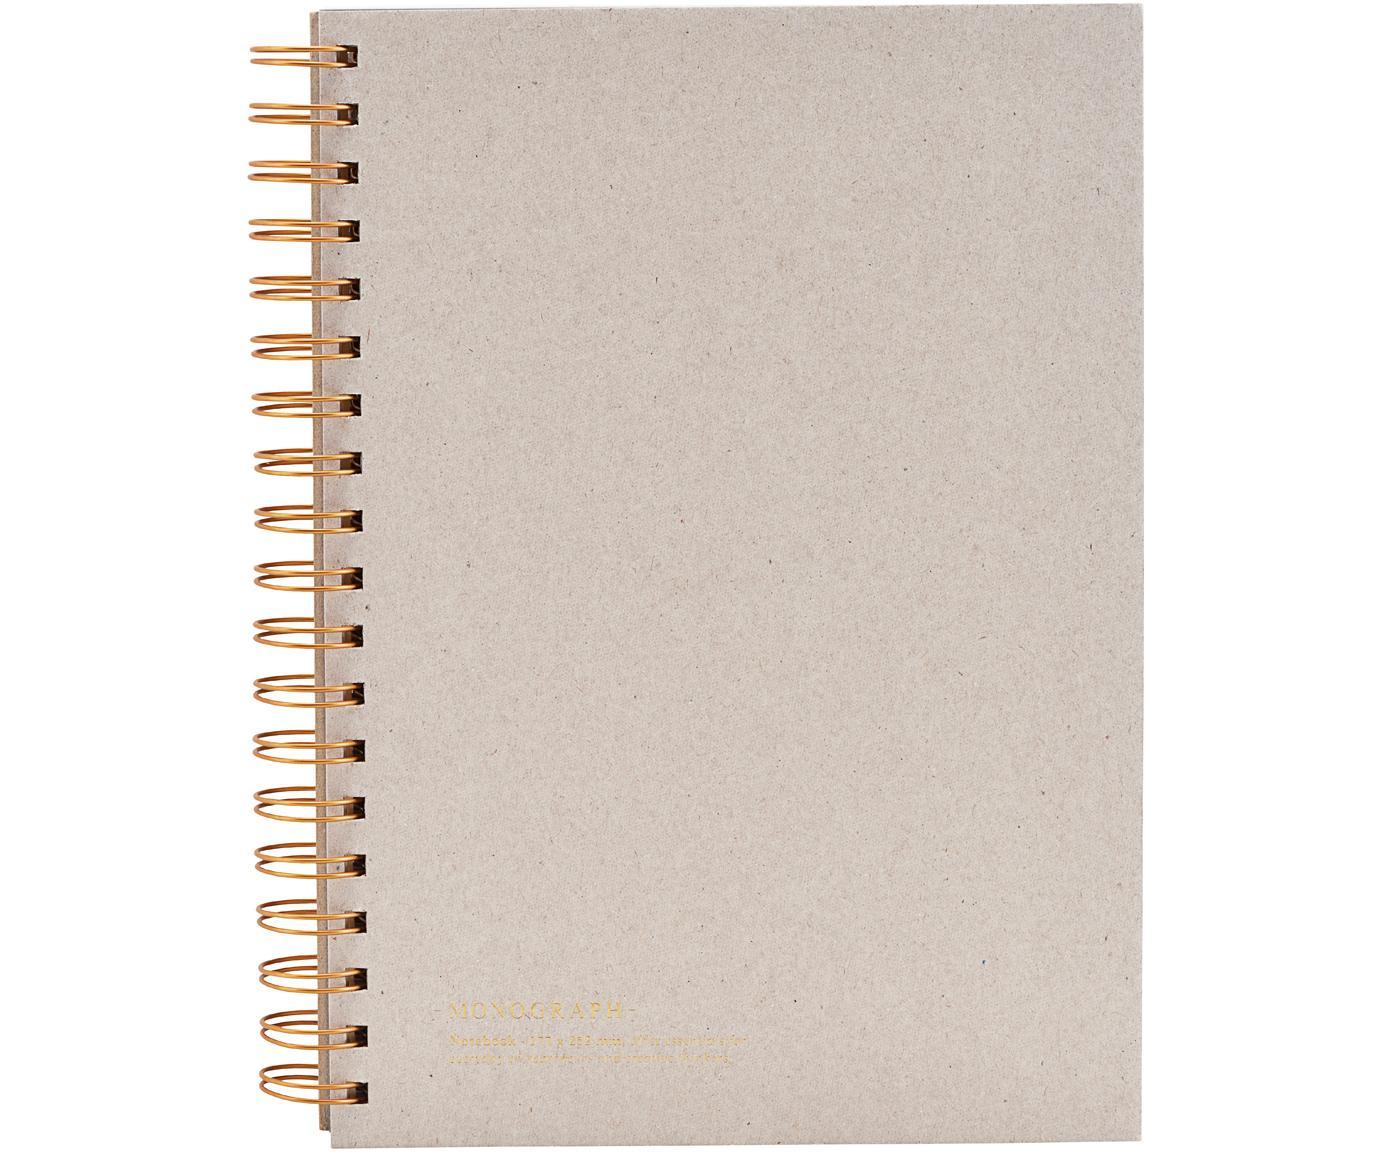 Notitieboek Tab, Beige, koperkleurig, 18 x 25 cm